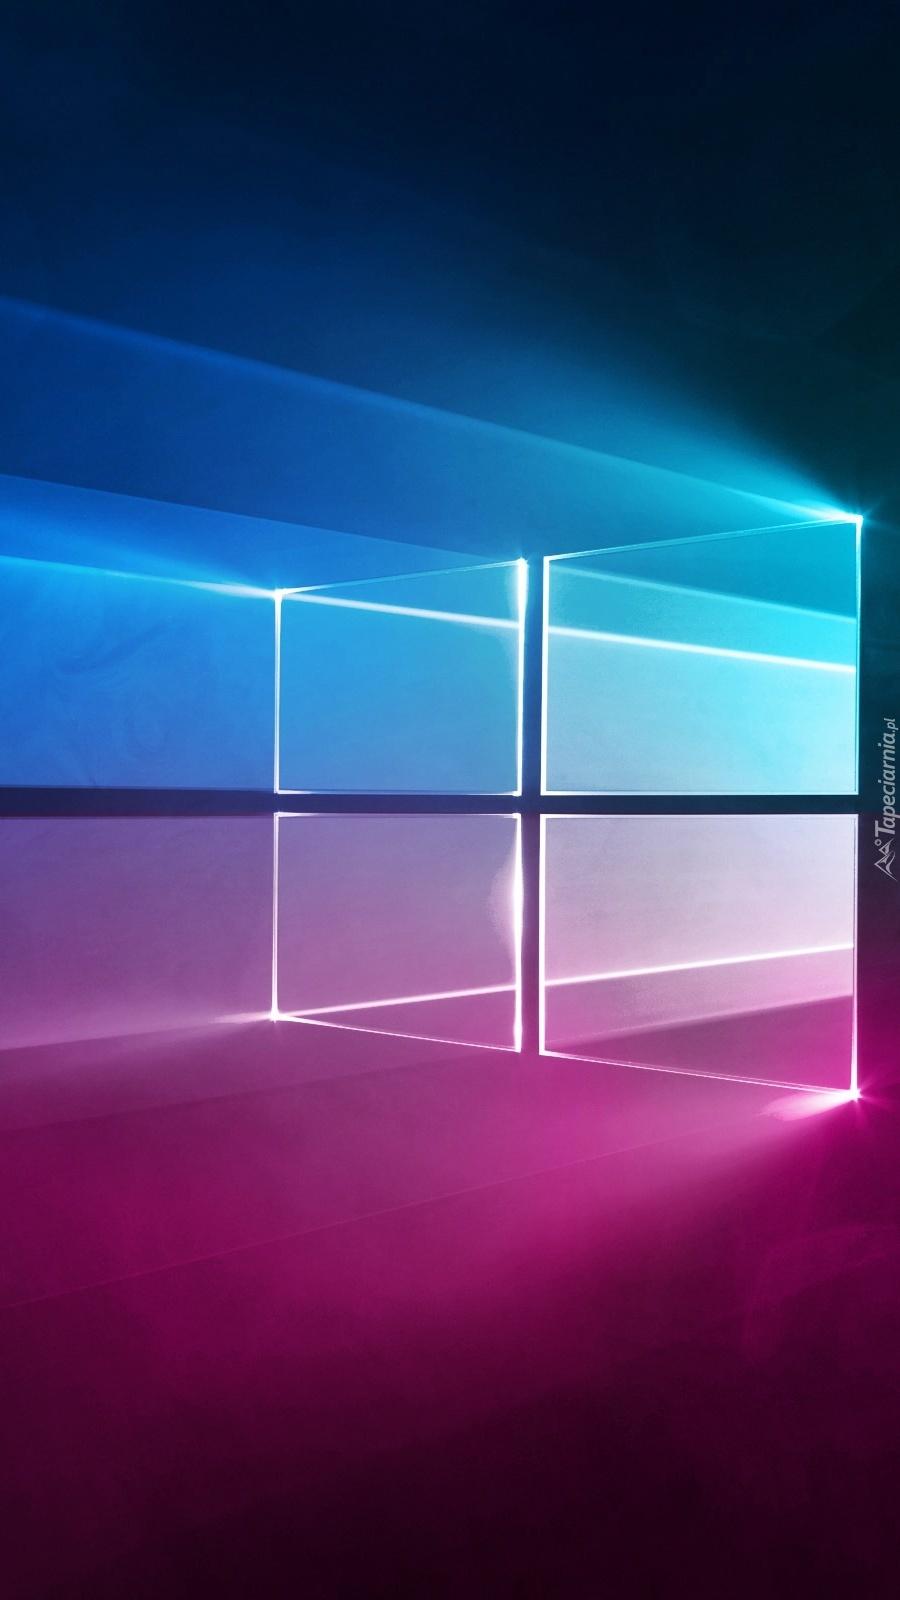 Różowo-niebieskie logo Windows 10